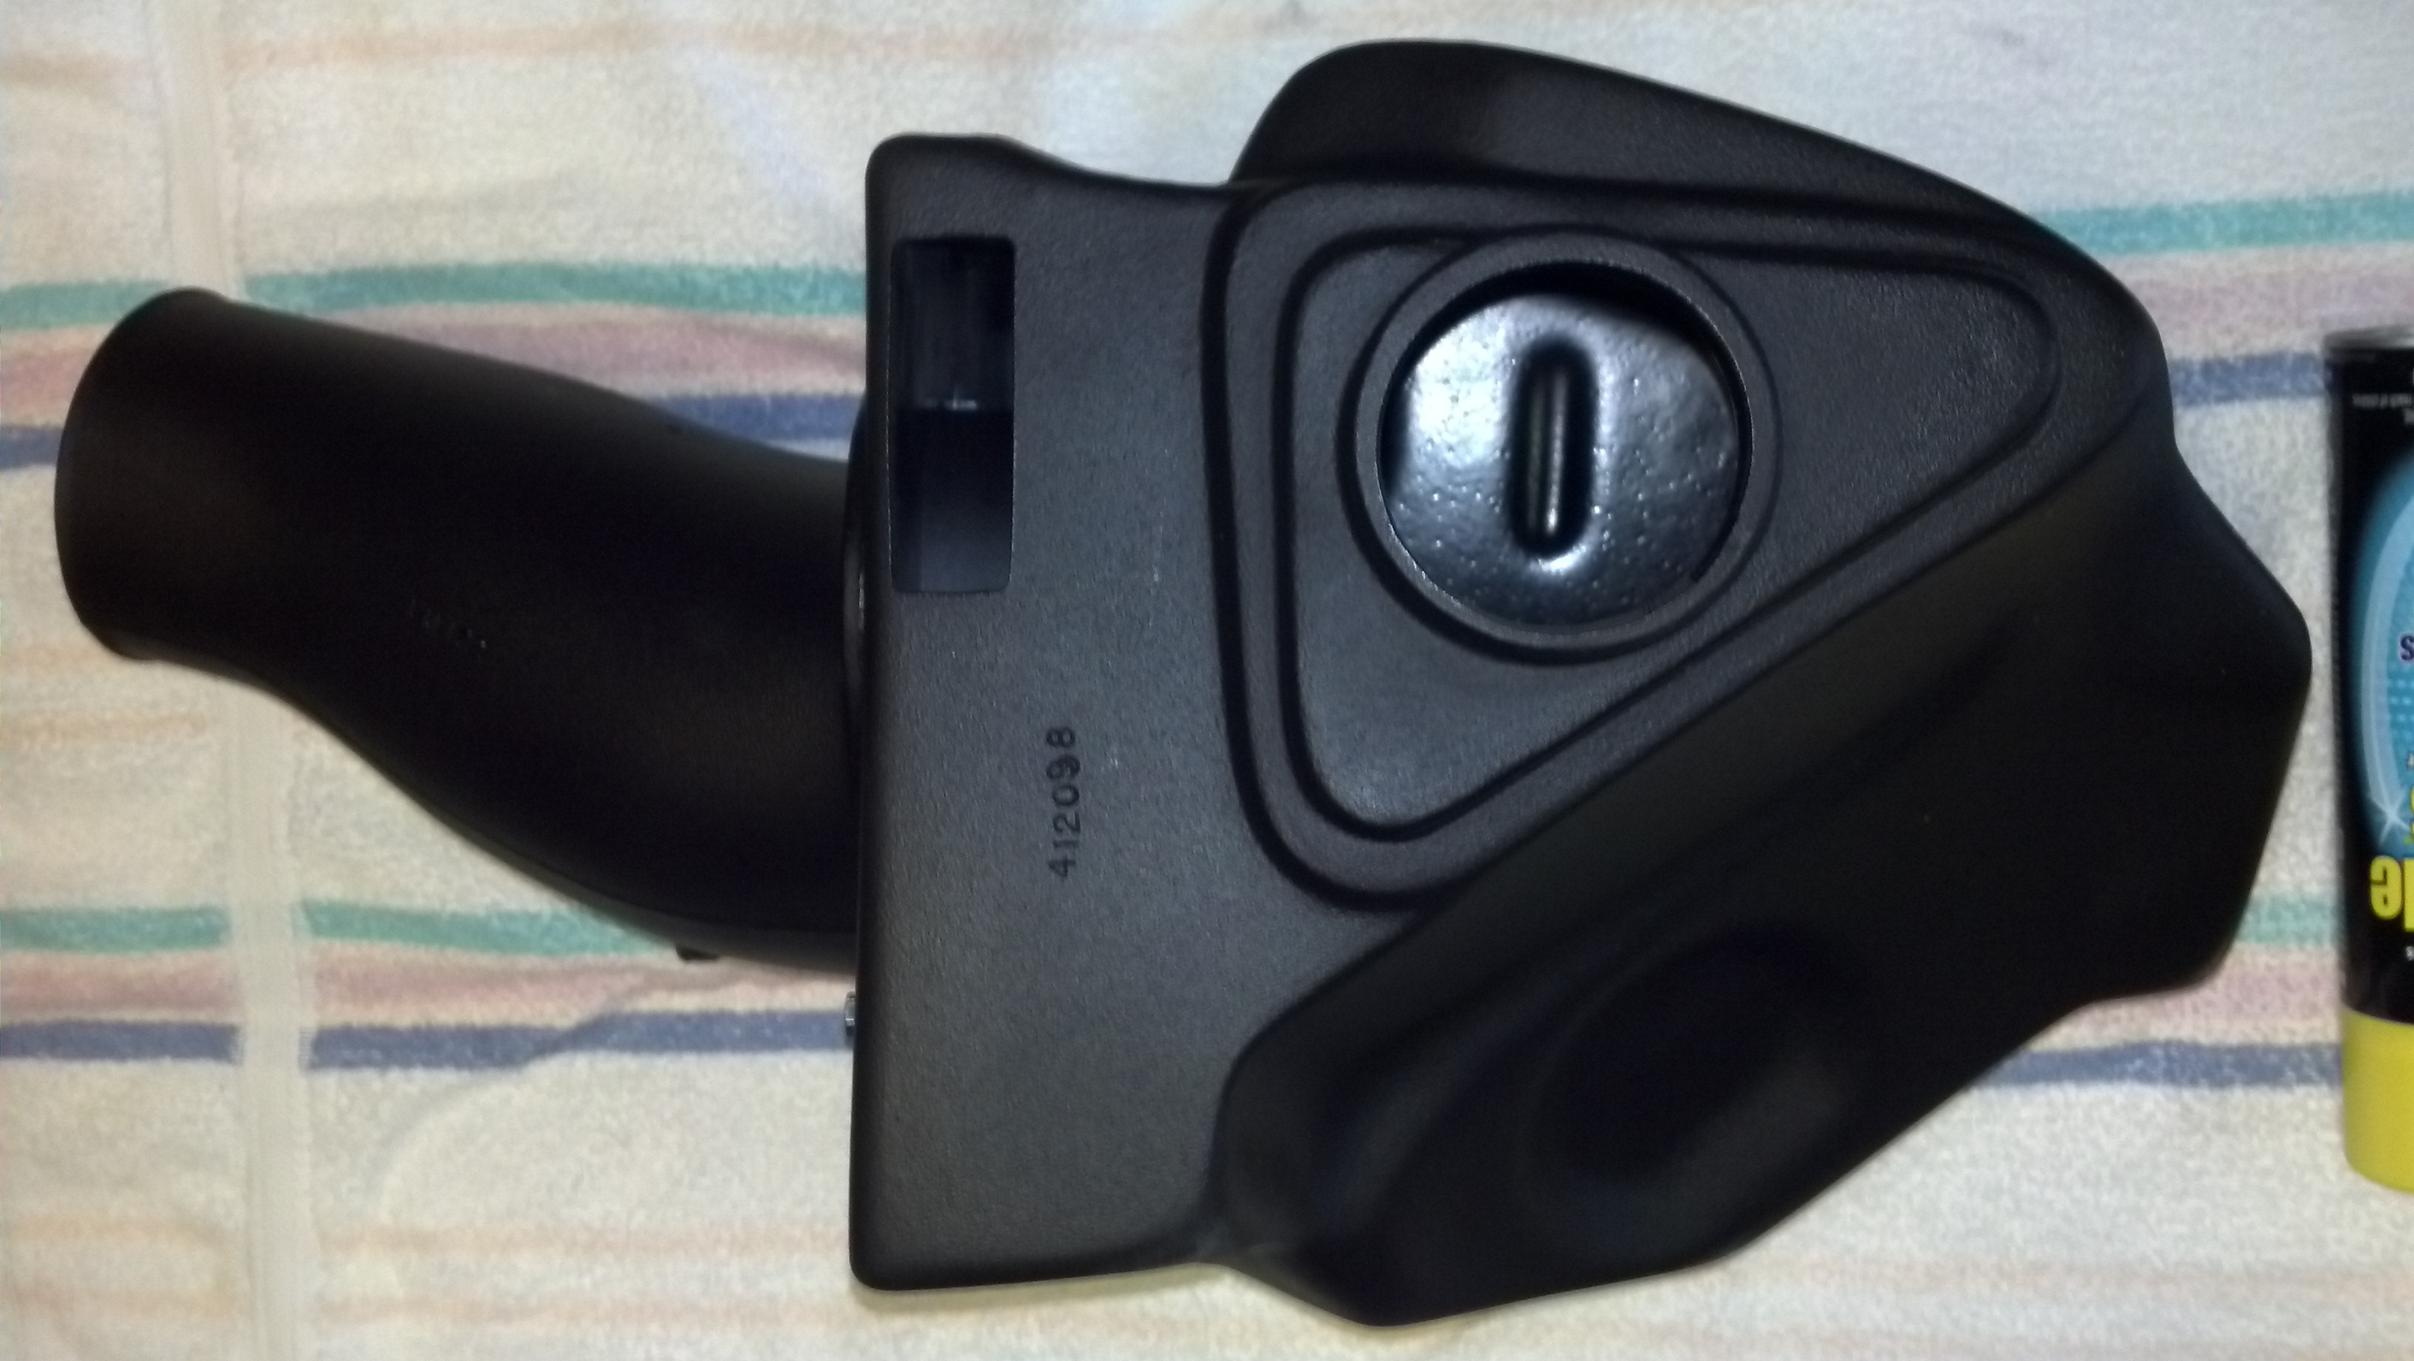 Volant CAI (pics/install/review) Part#162576-volant-cai-8.jpg